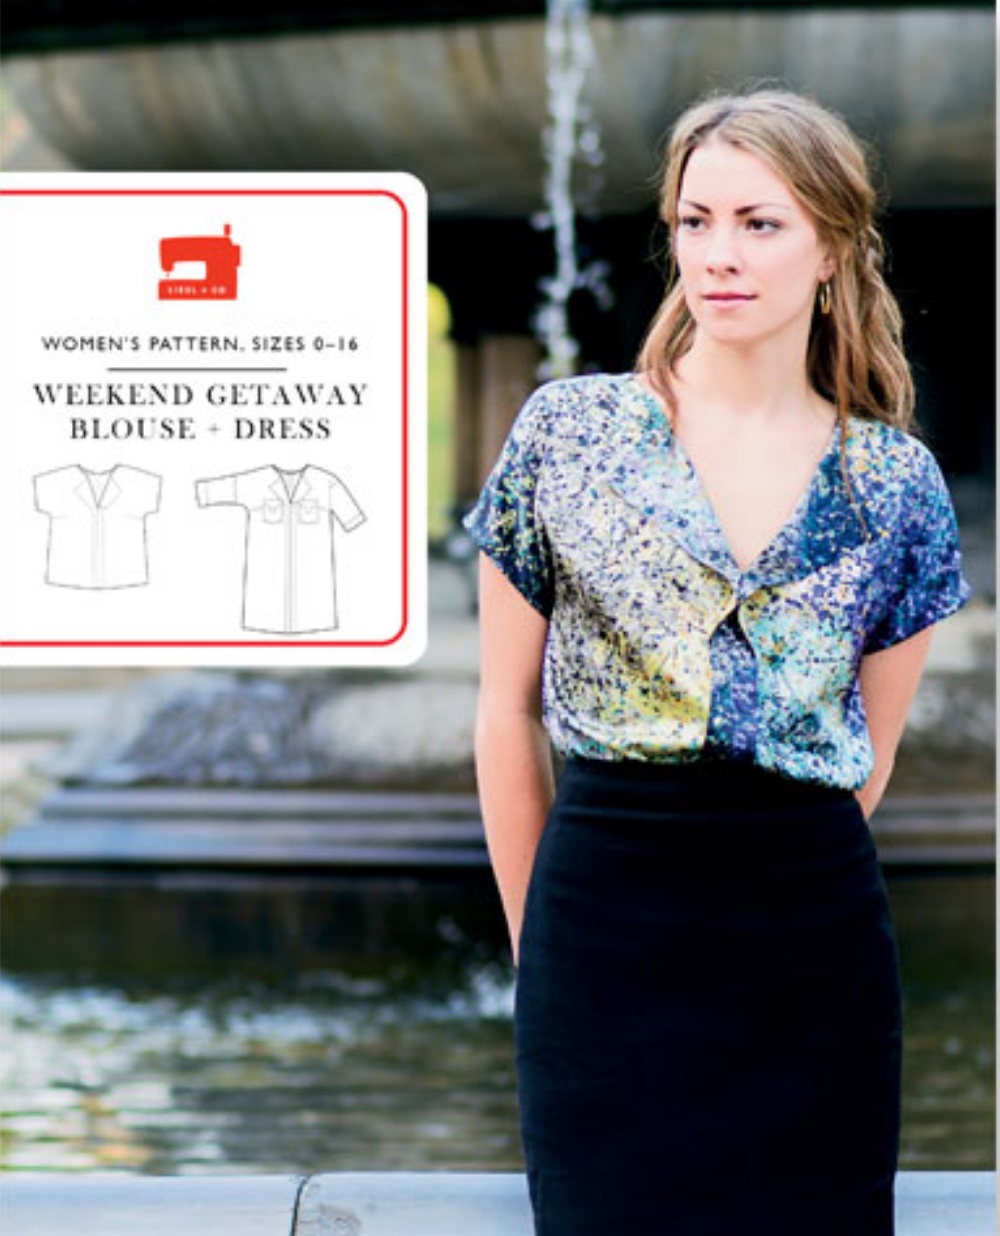 Leisl & Co weekend getaway blouse.jpeg